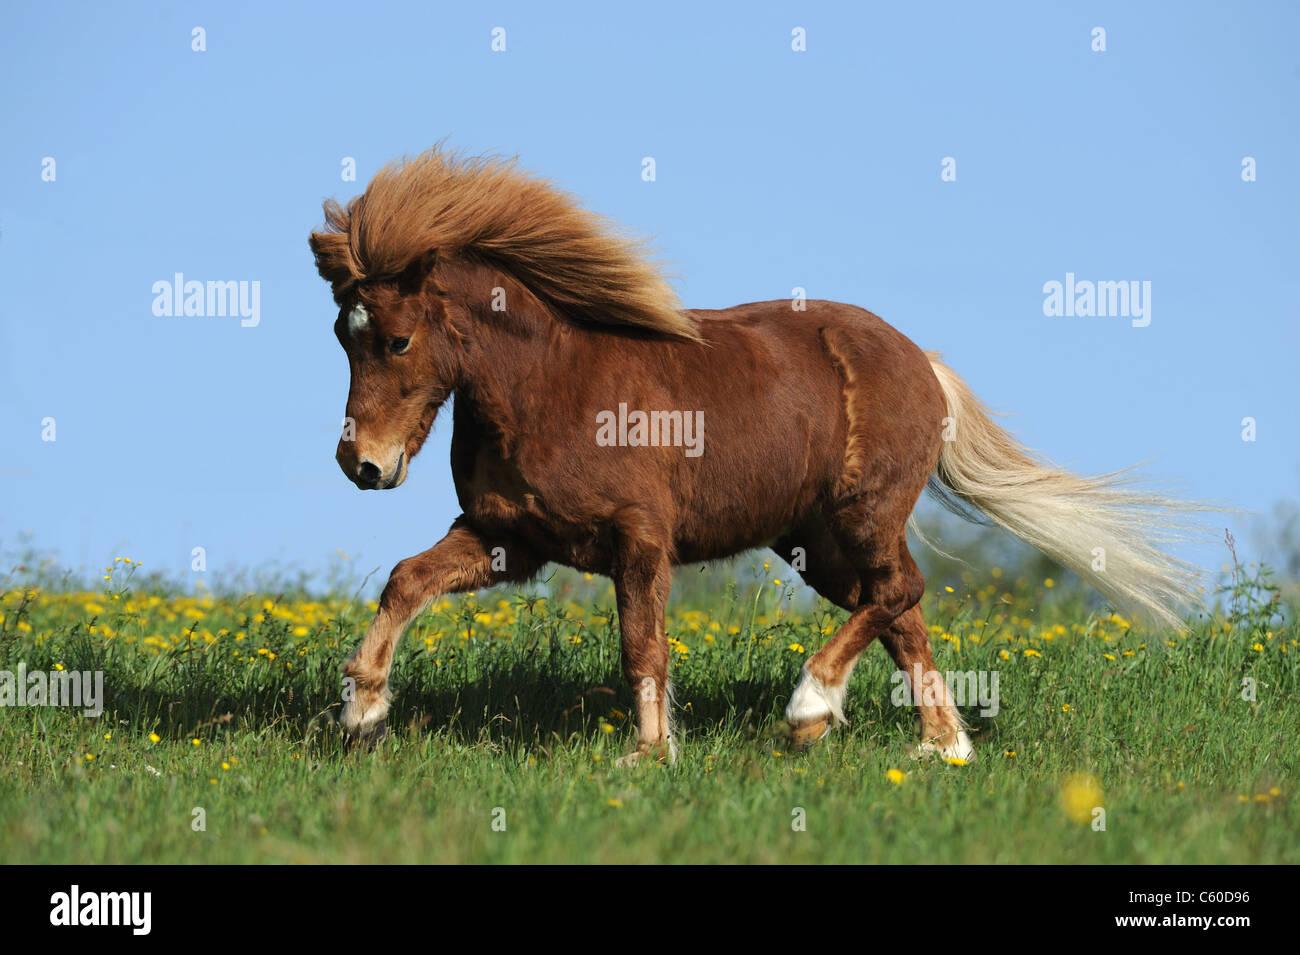 Isländische Pferd (Equus Ferus Caballus) im Trab auf einer Wiese. Stockbild